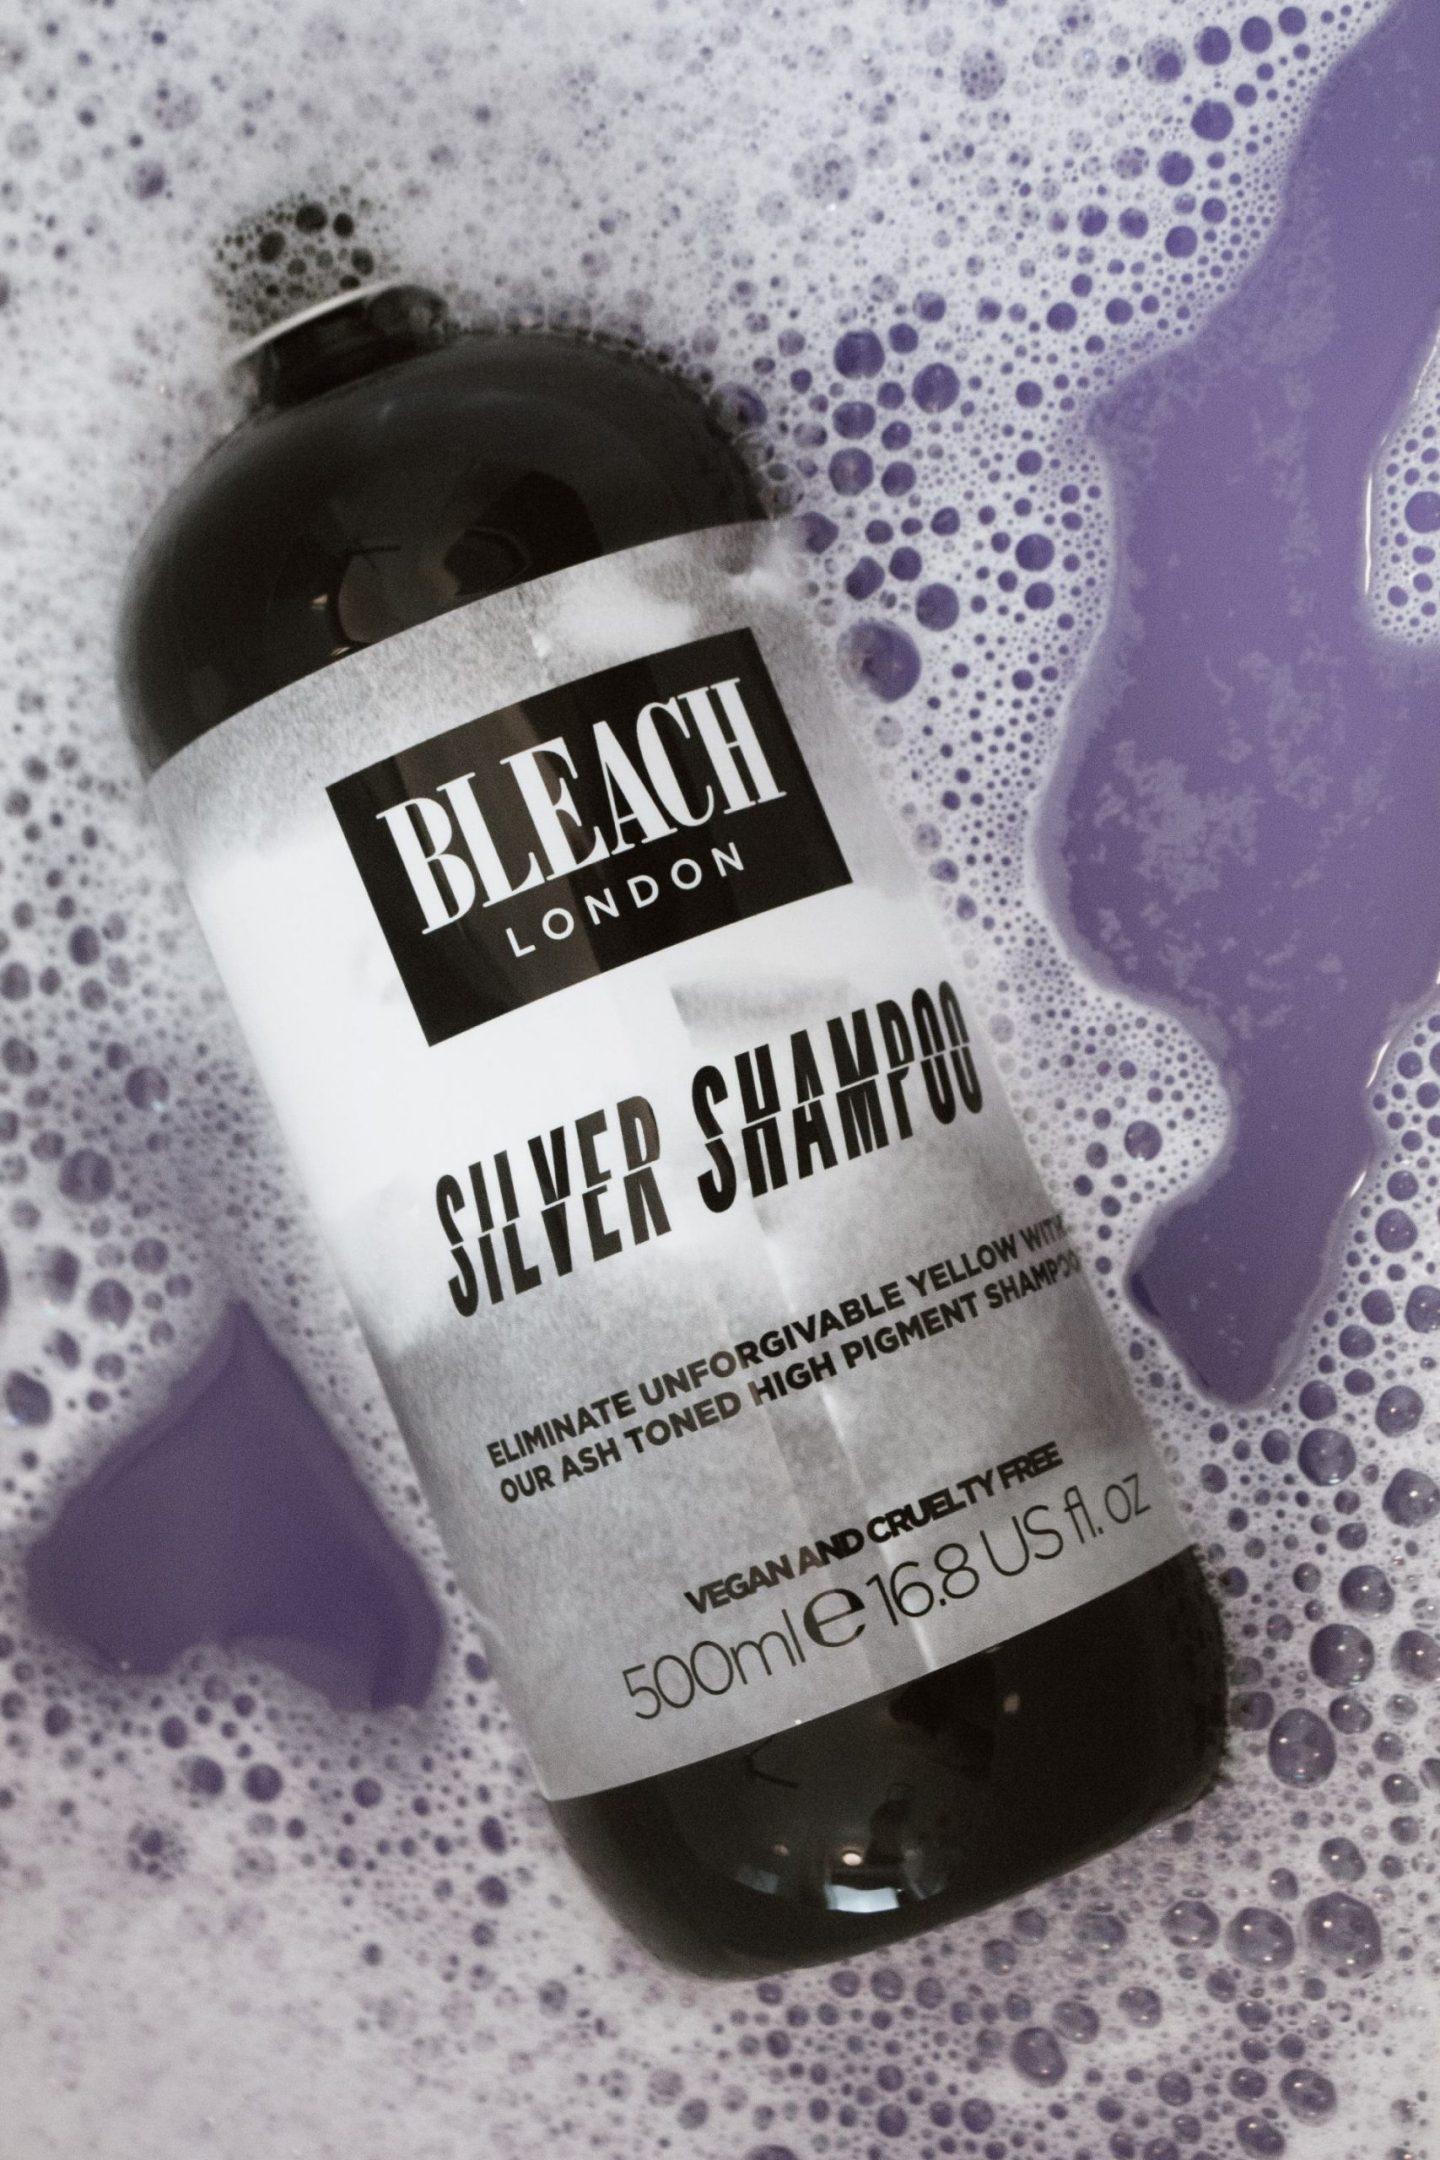 Bleach London Silver Shampoo Review